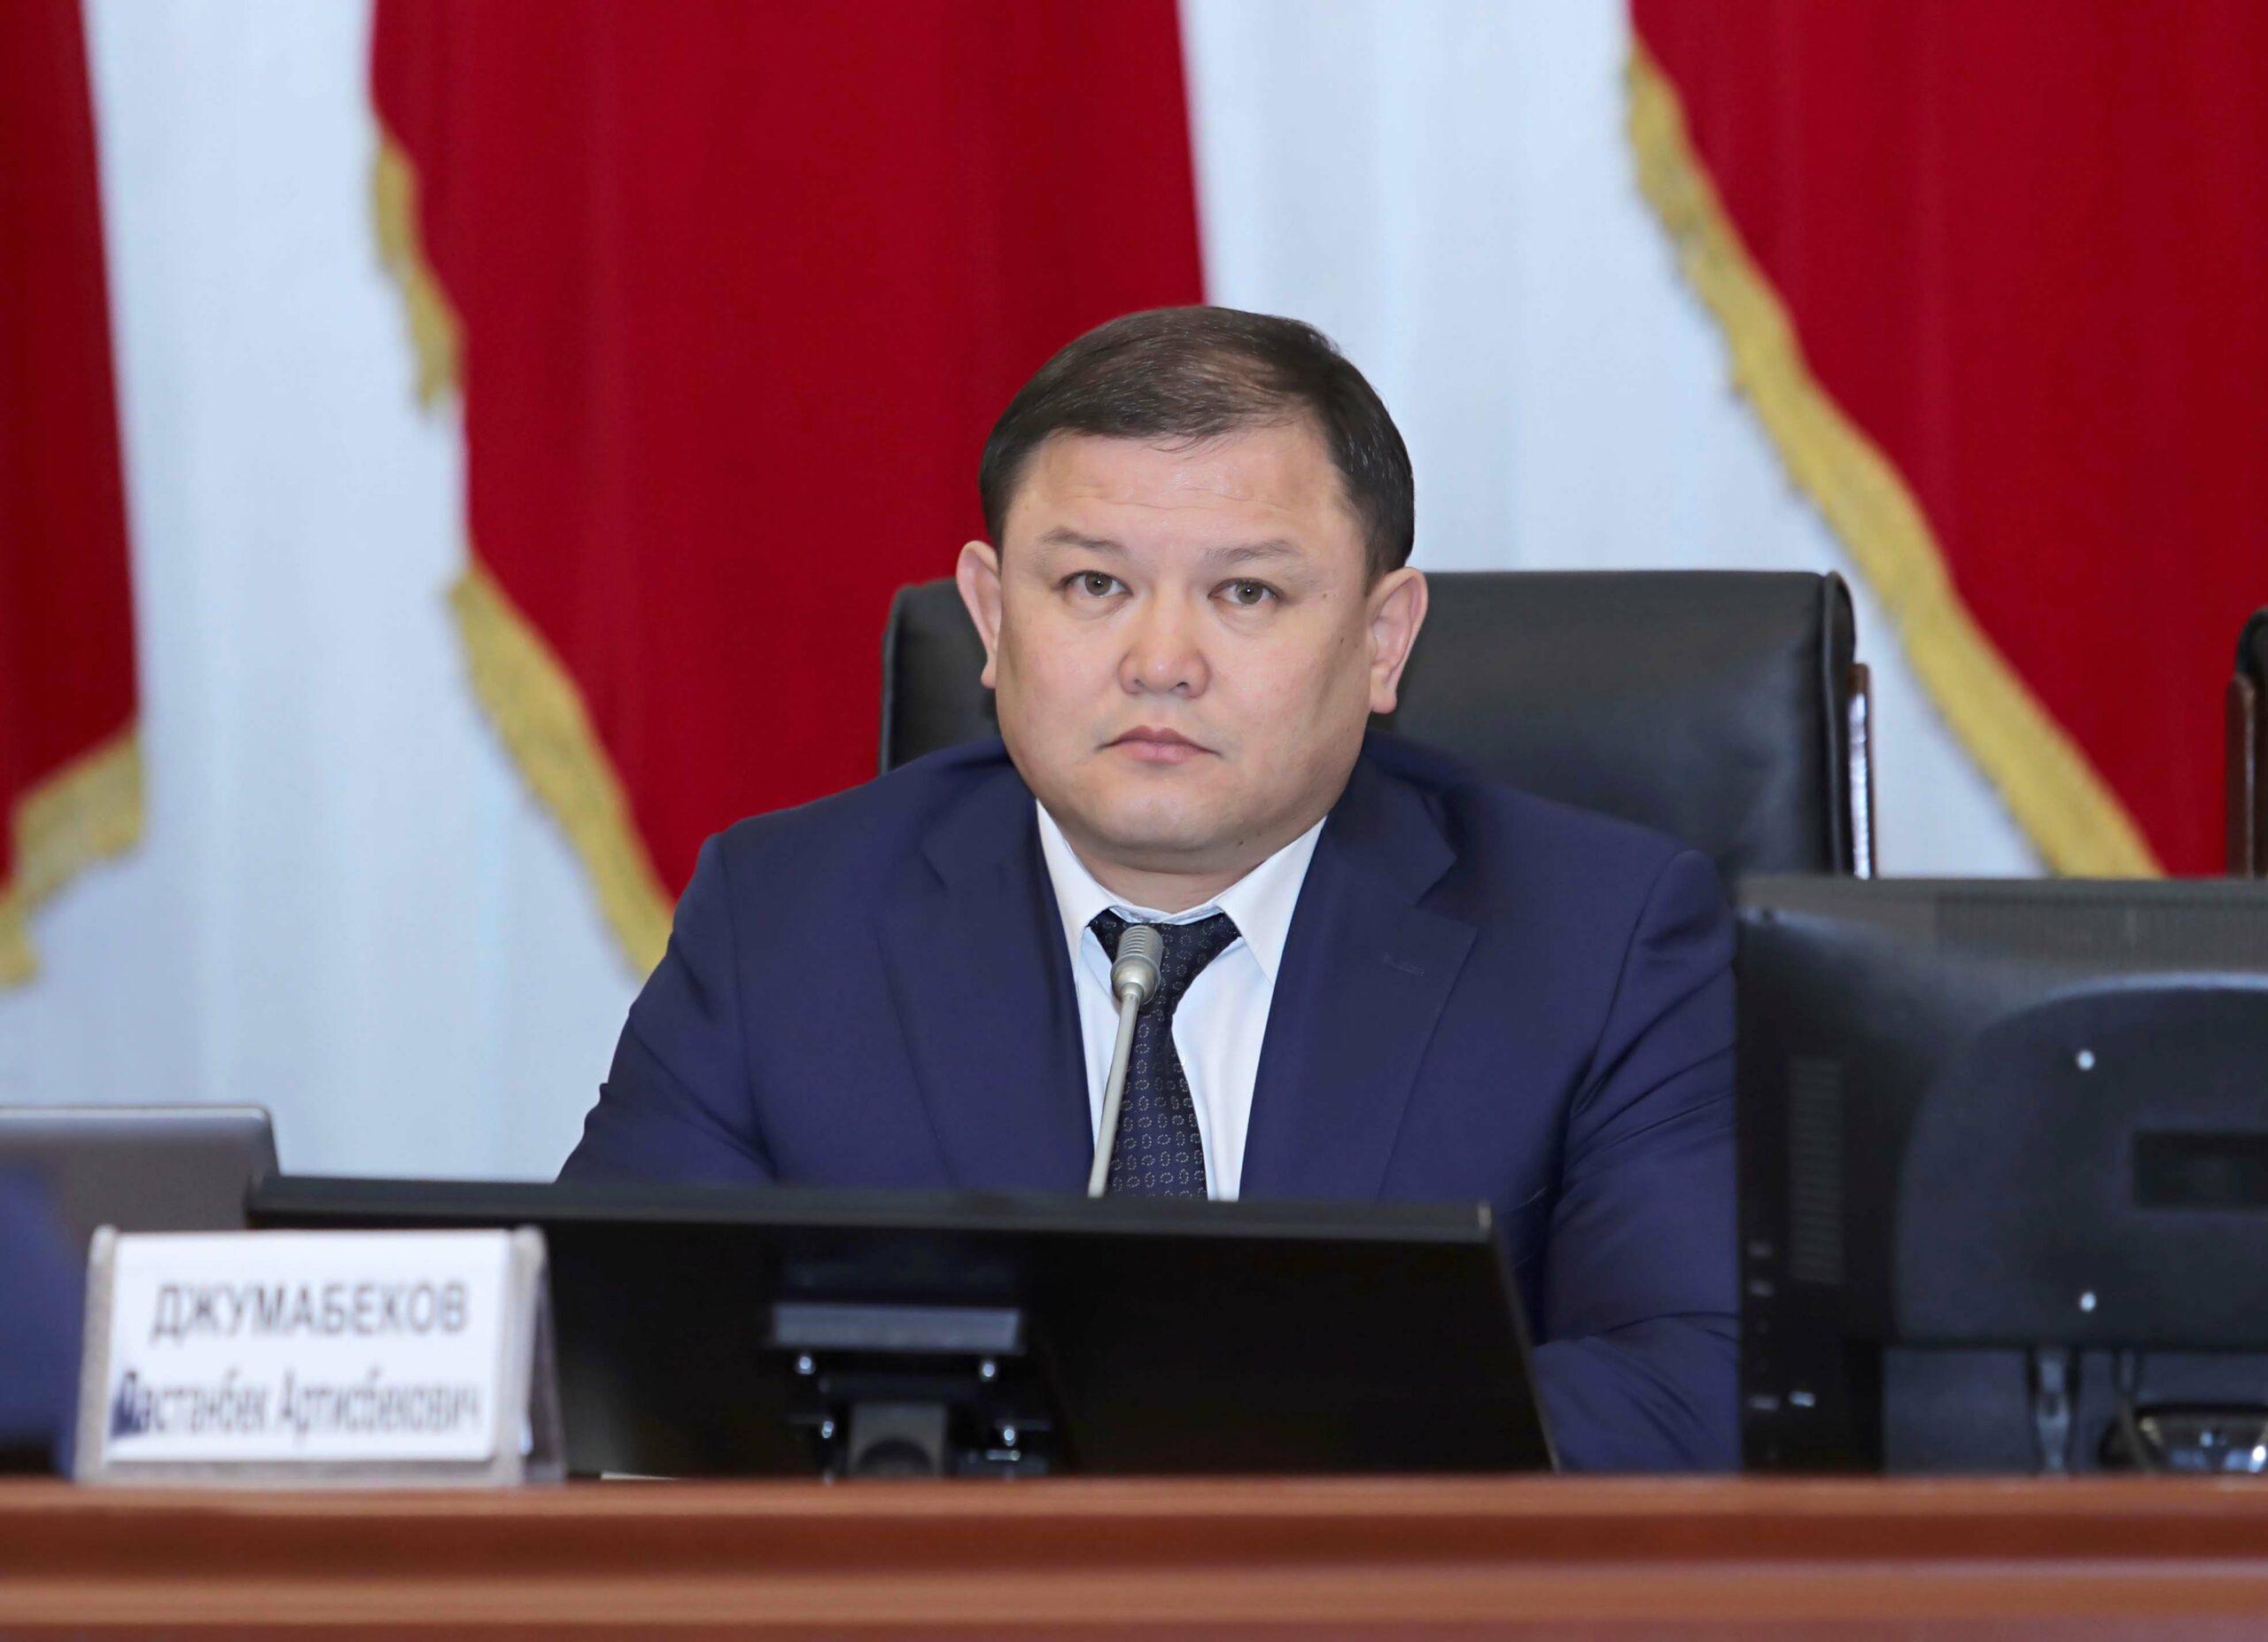 Жумабеков премьер-министрге: коронавирустун экинчи толкунуна даяр туруңуз – видео